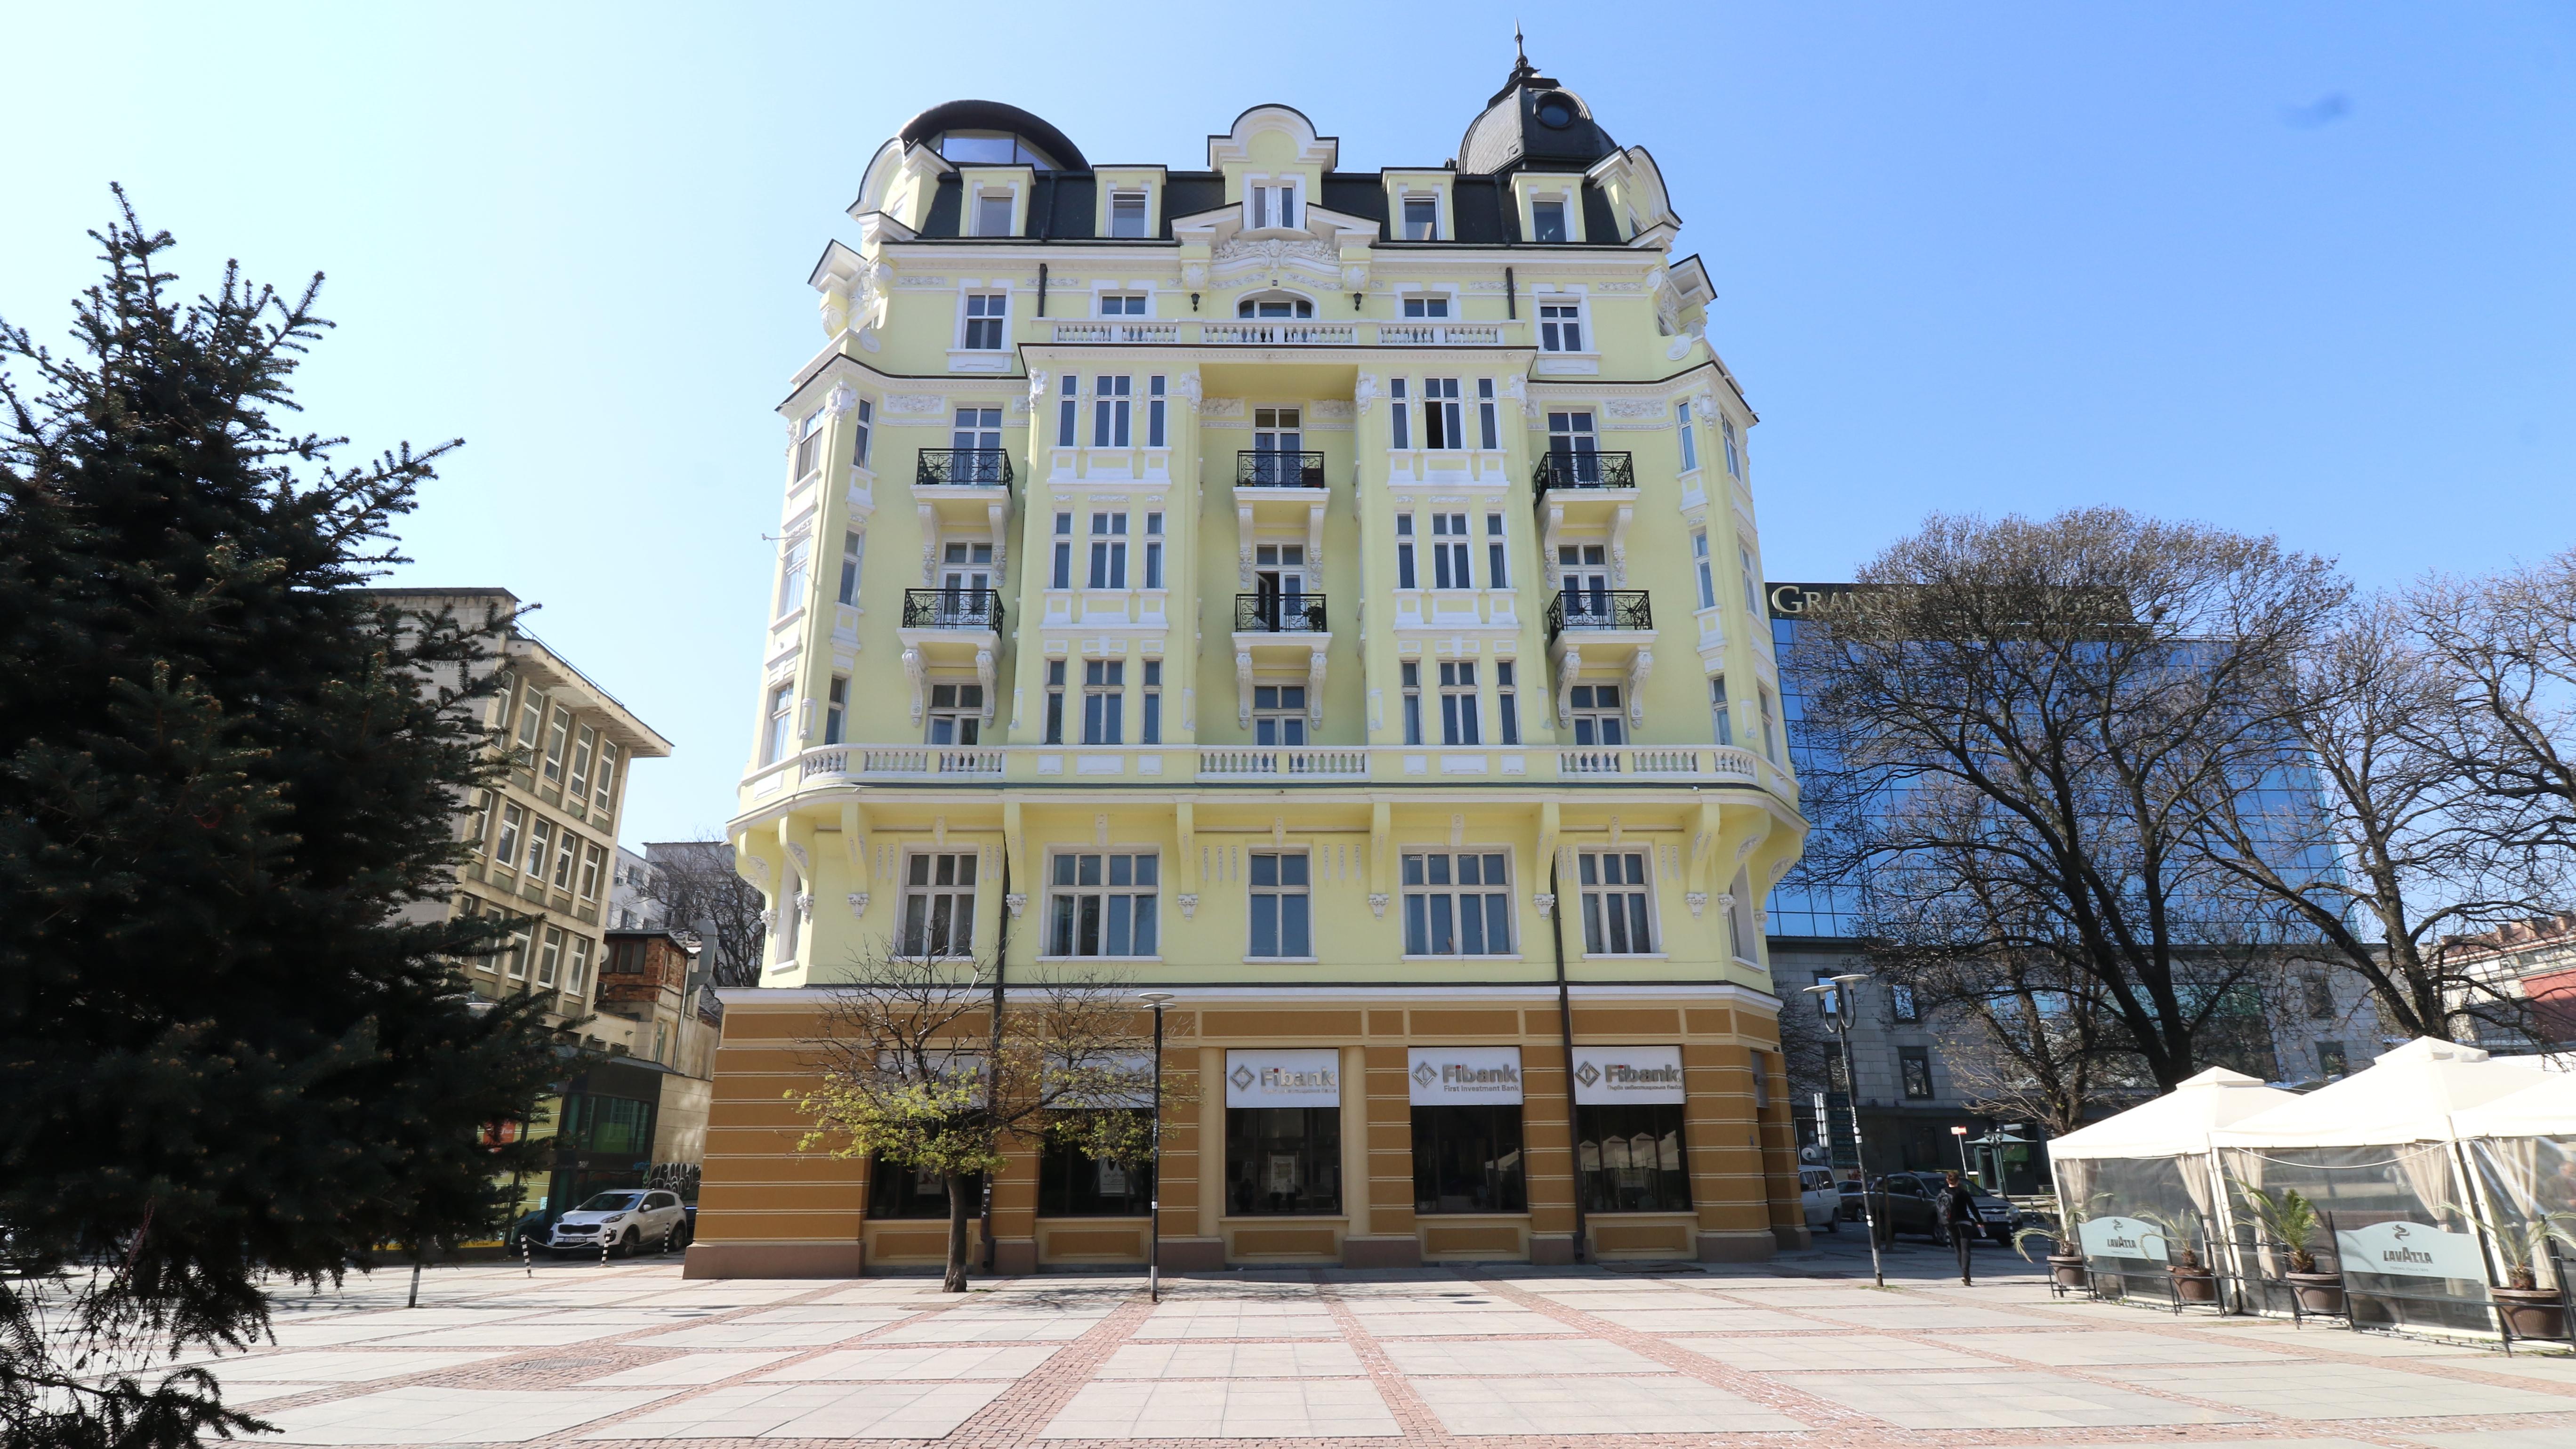 Къщата на Гендович - една от най-красивите сгради в София, дело на арх. Никола Лазаров.